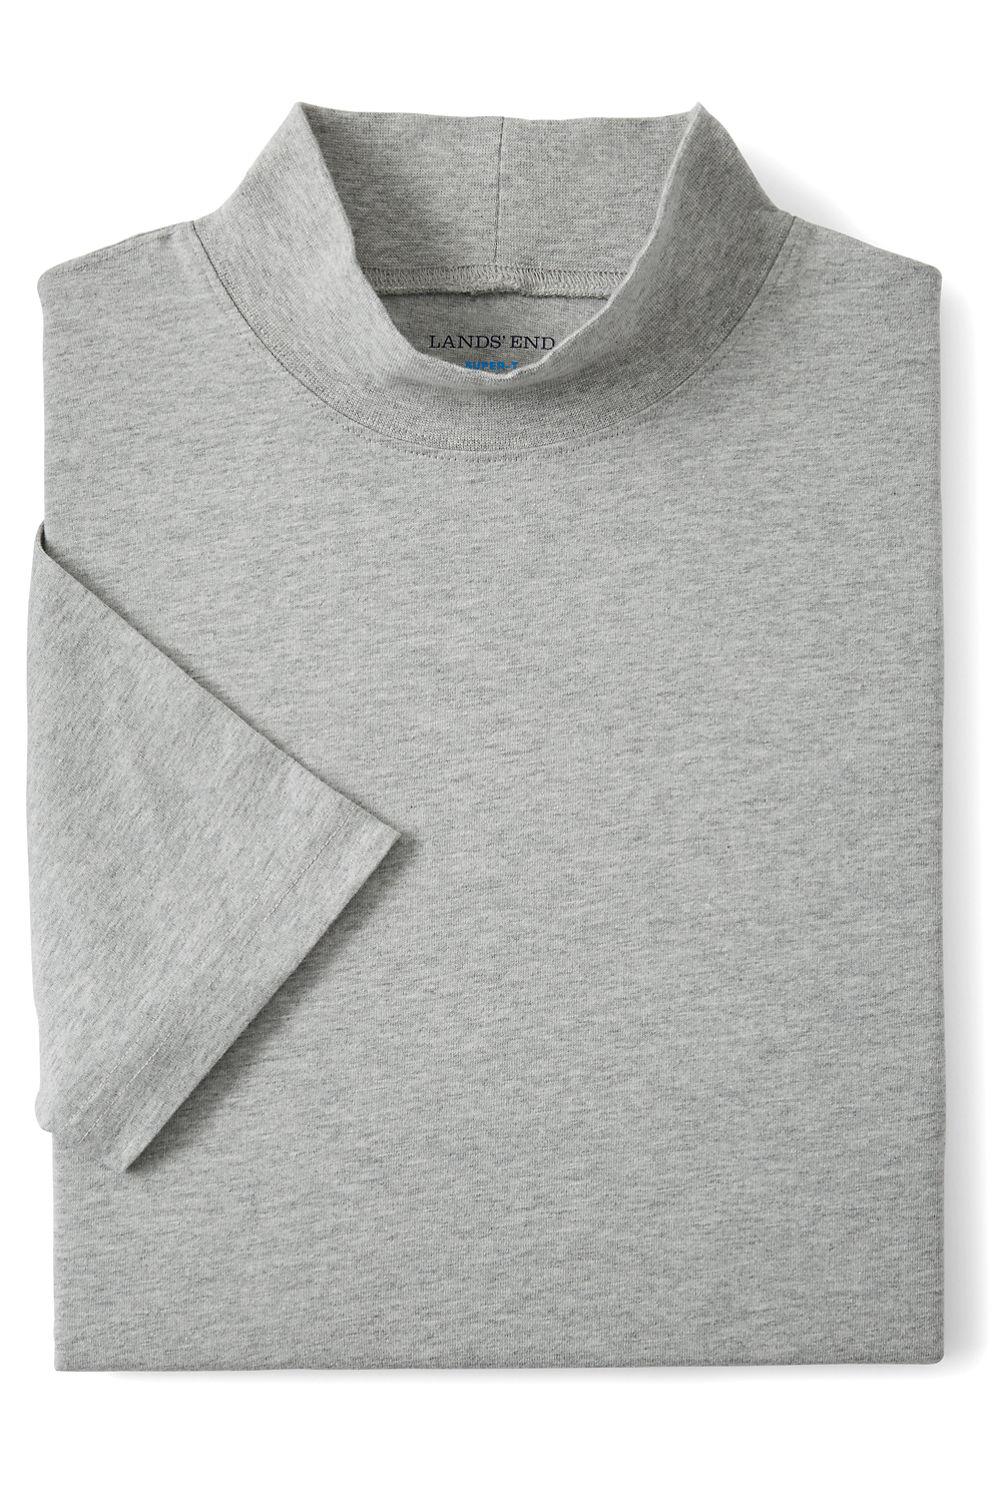 510c3fe24c507 Sleeveless Golf Shirts Plus Size